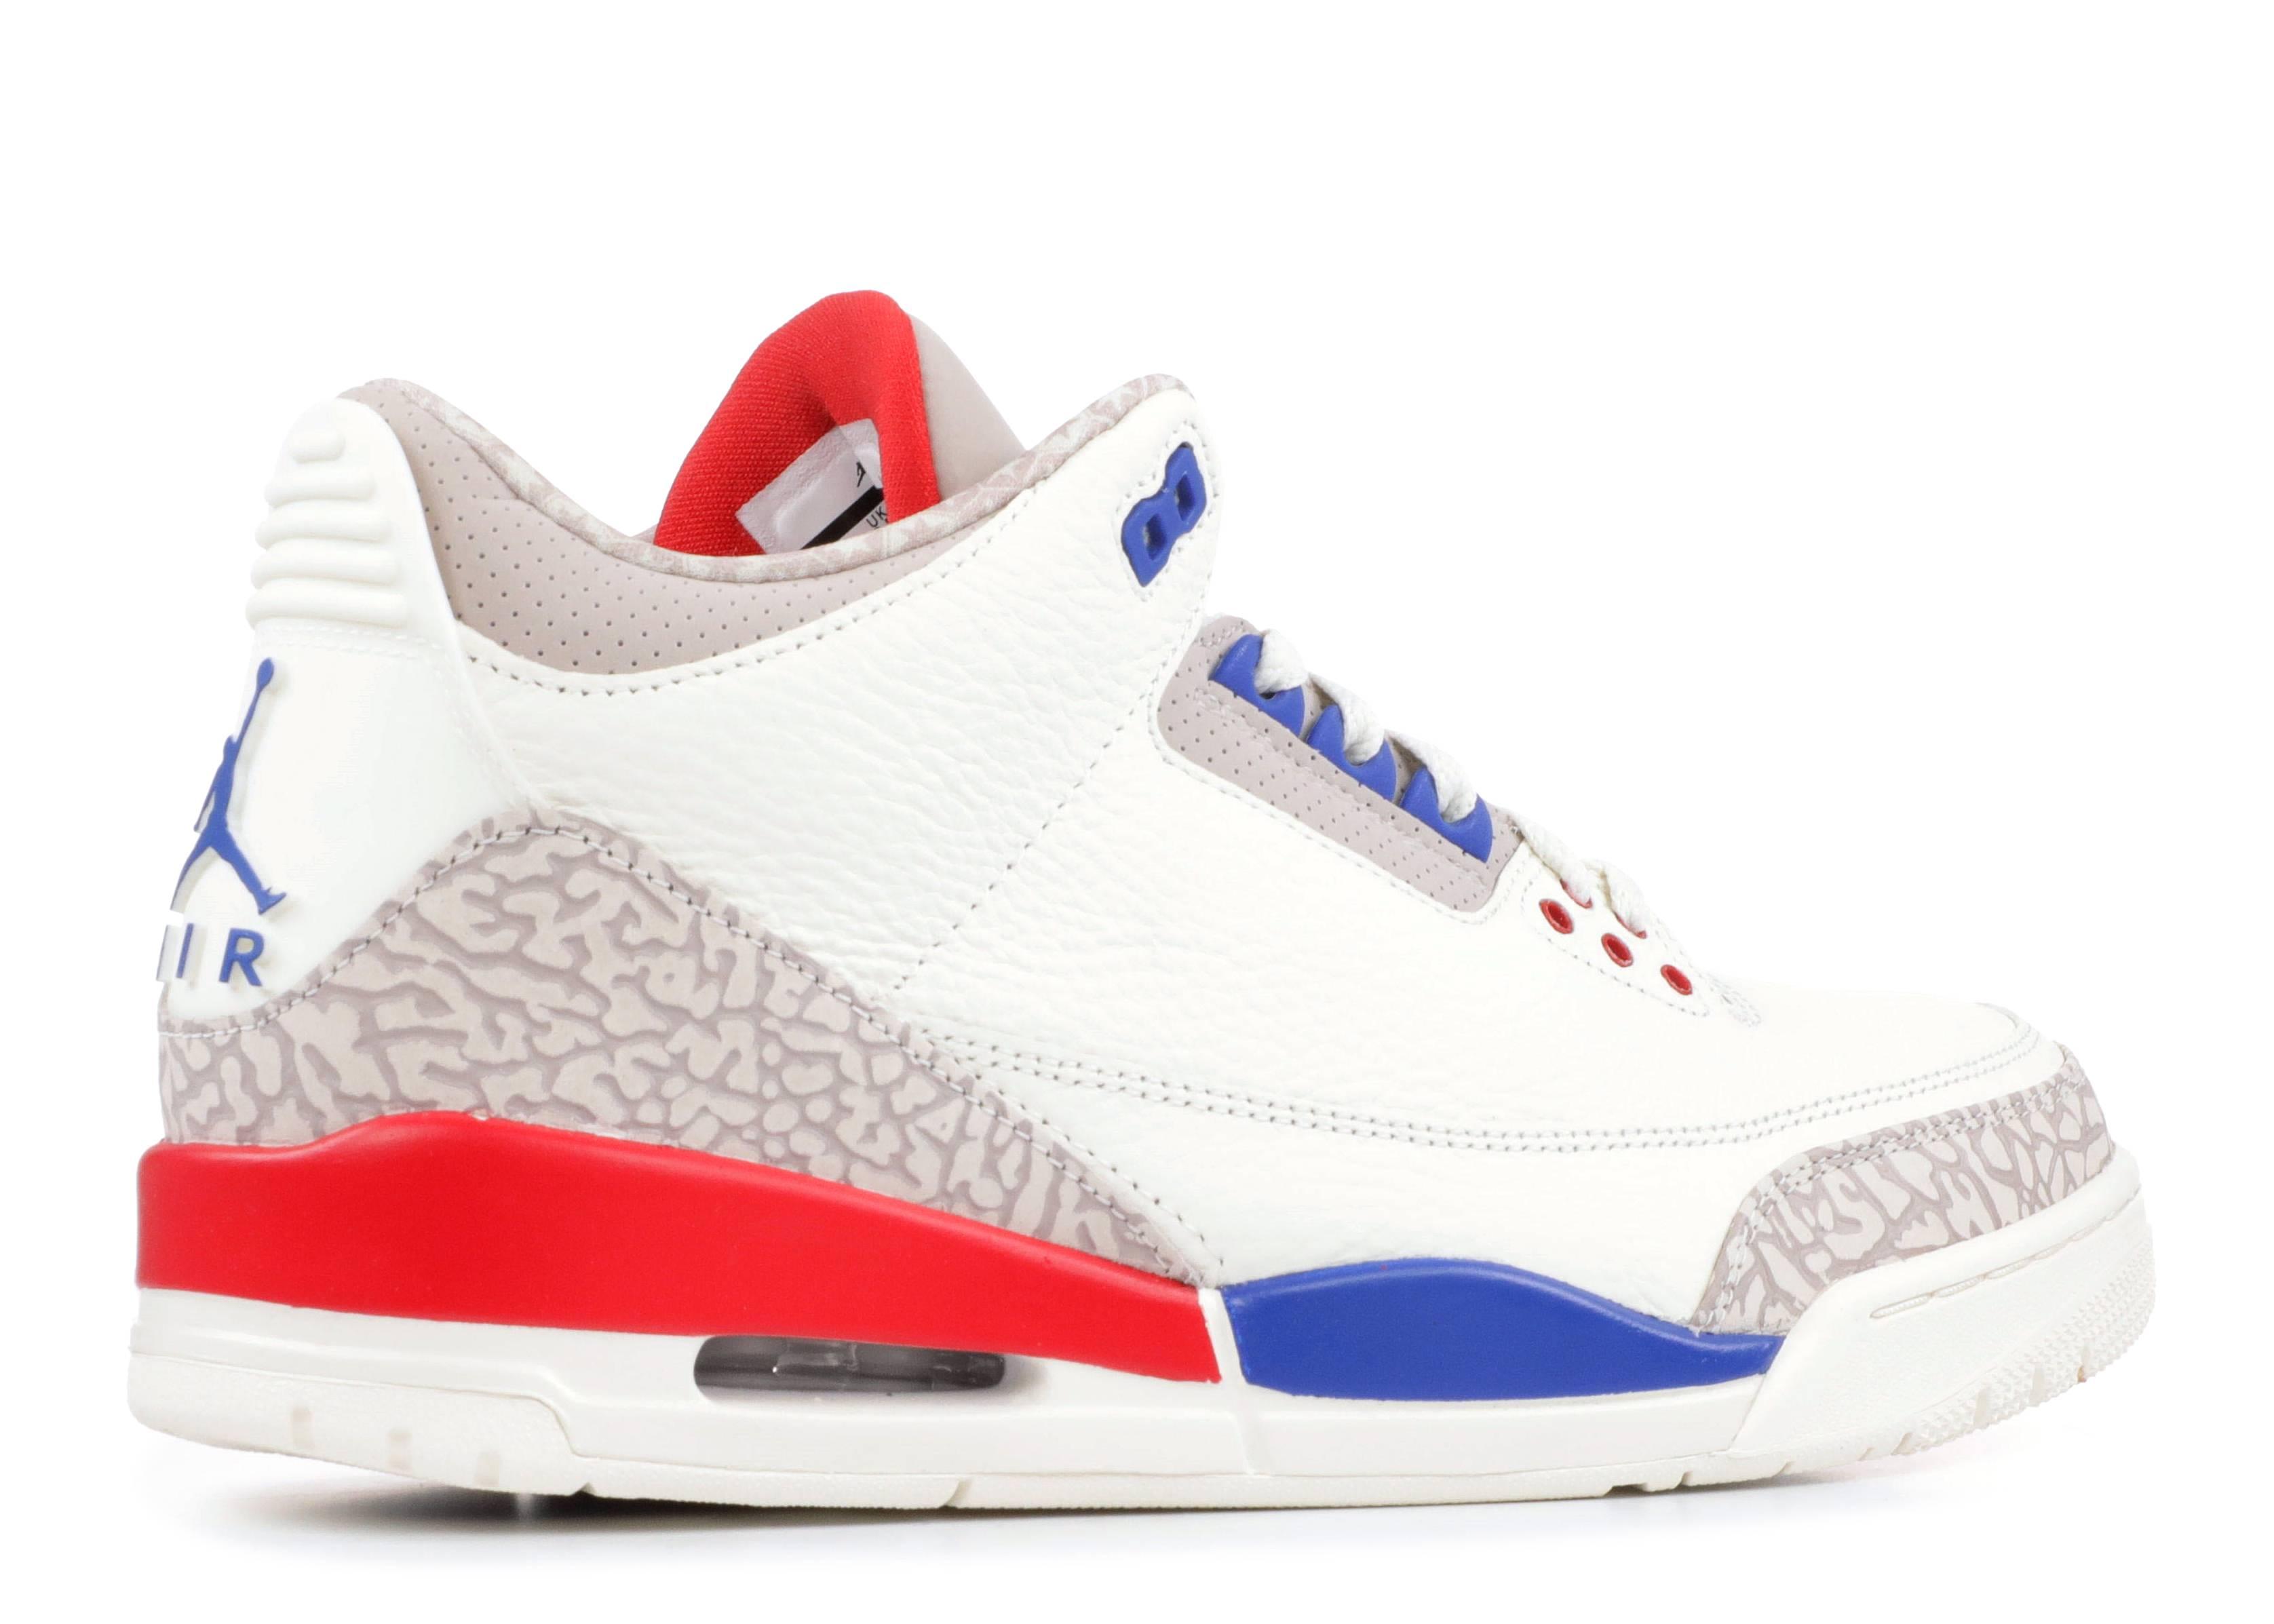 c983fd10972 Air Jordan 3 Retro